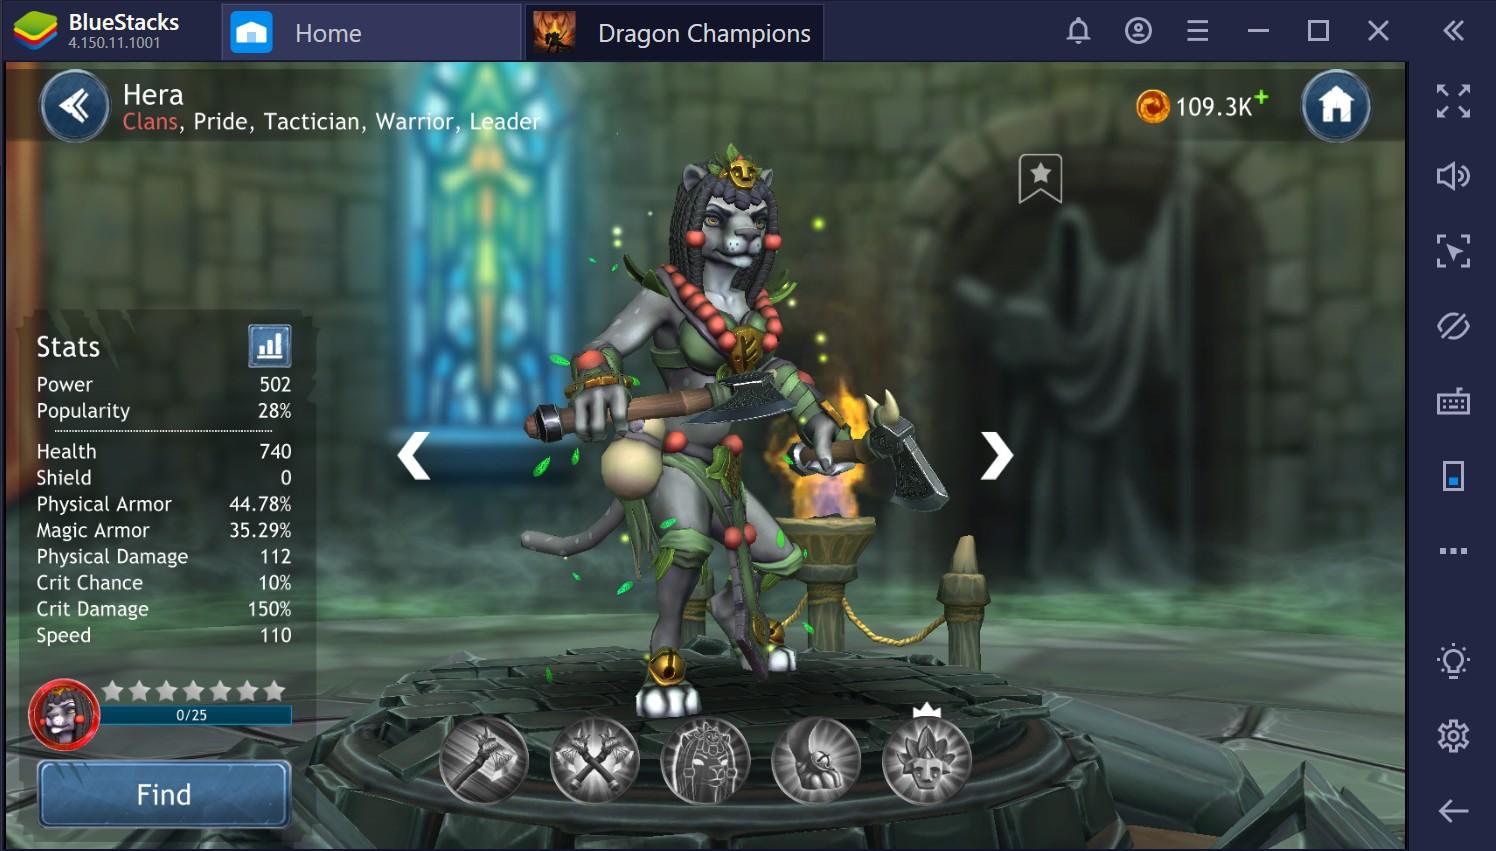 Dragon Champions: como desbloquear os melhores personagens do game